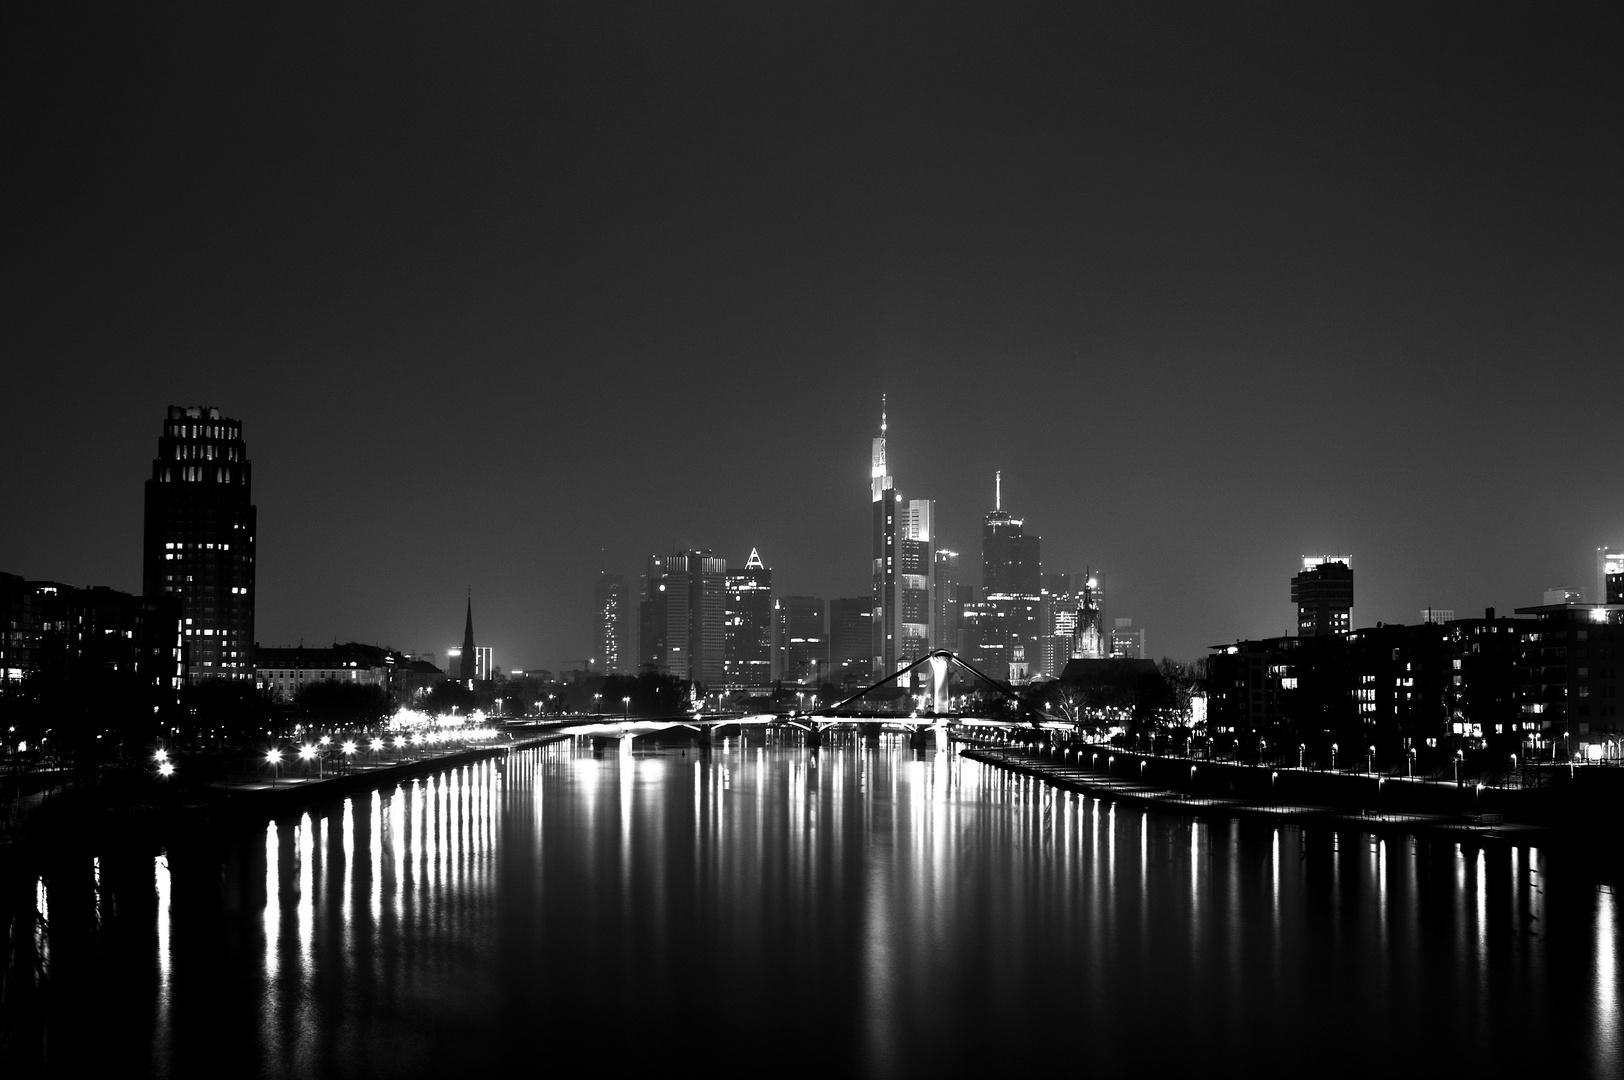 frankfurt skyline at night foto bild architektur stadtlandschaft skylines bilder auf. Black Bedroom Furniture Sets. Home Design Ideas